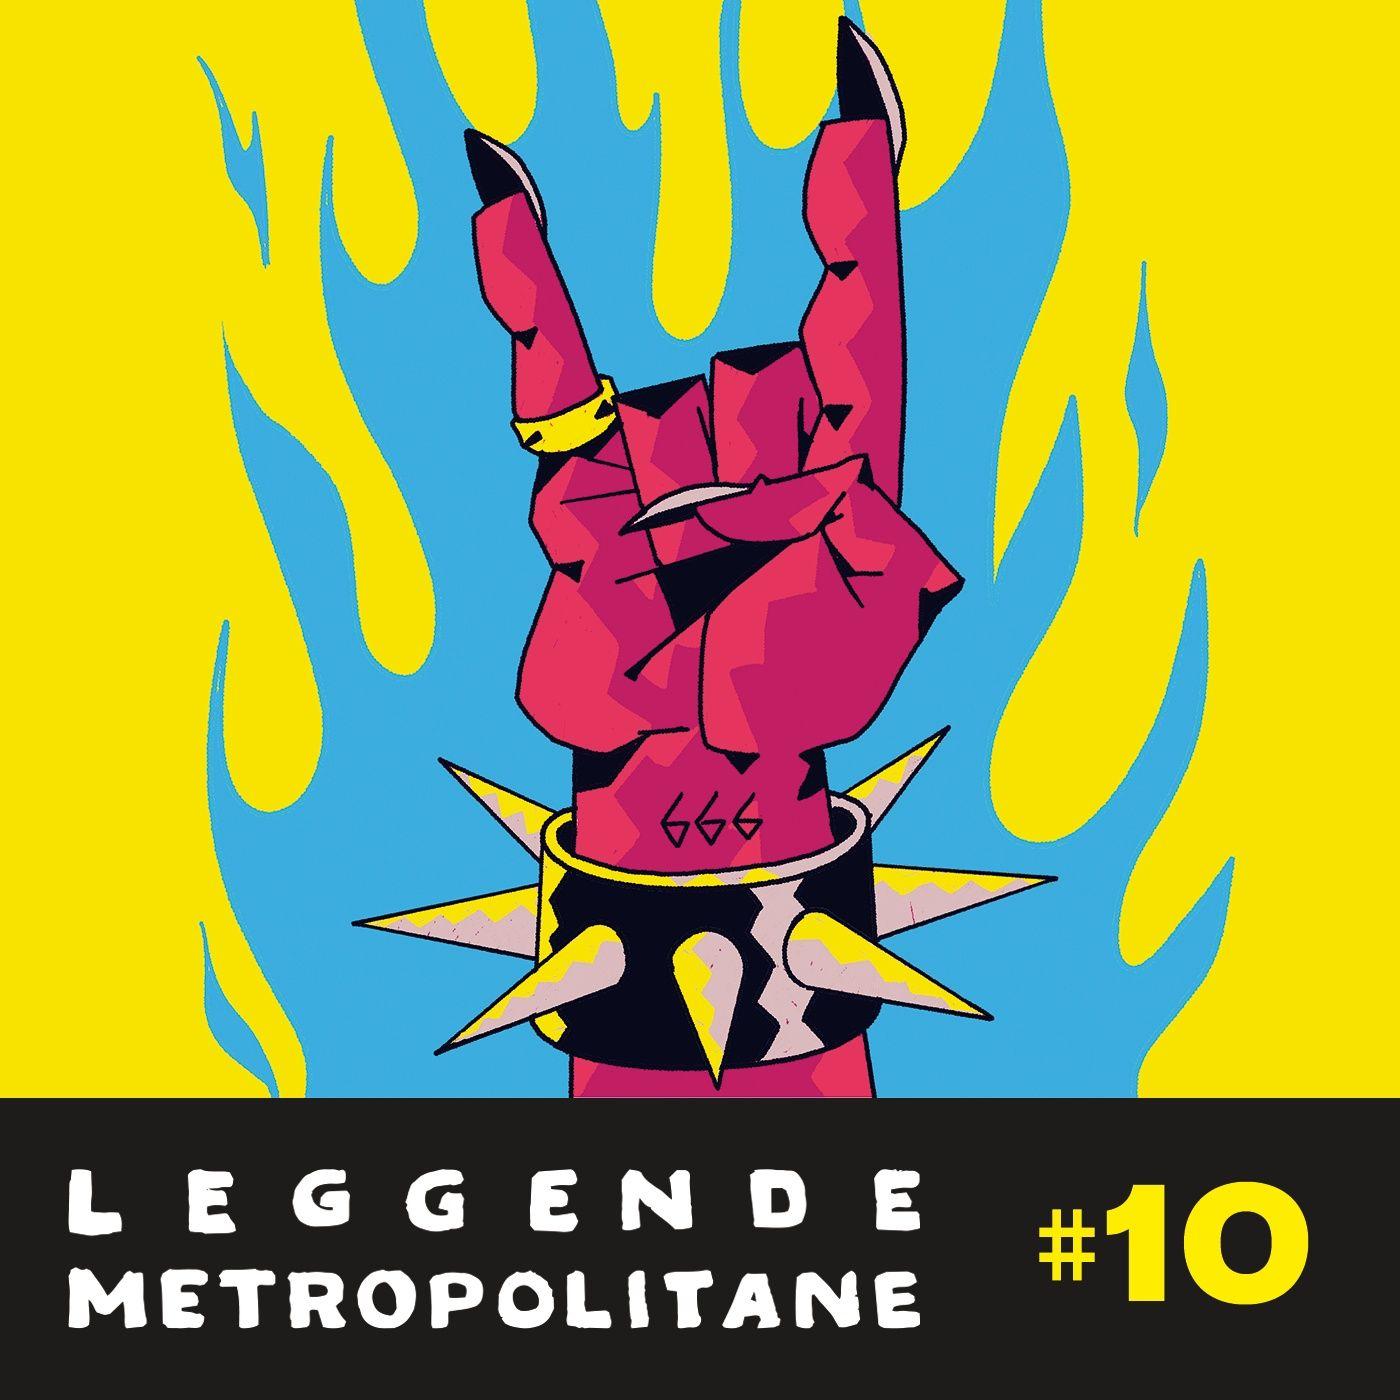 Leggende Metropolitane della Musica | #10